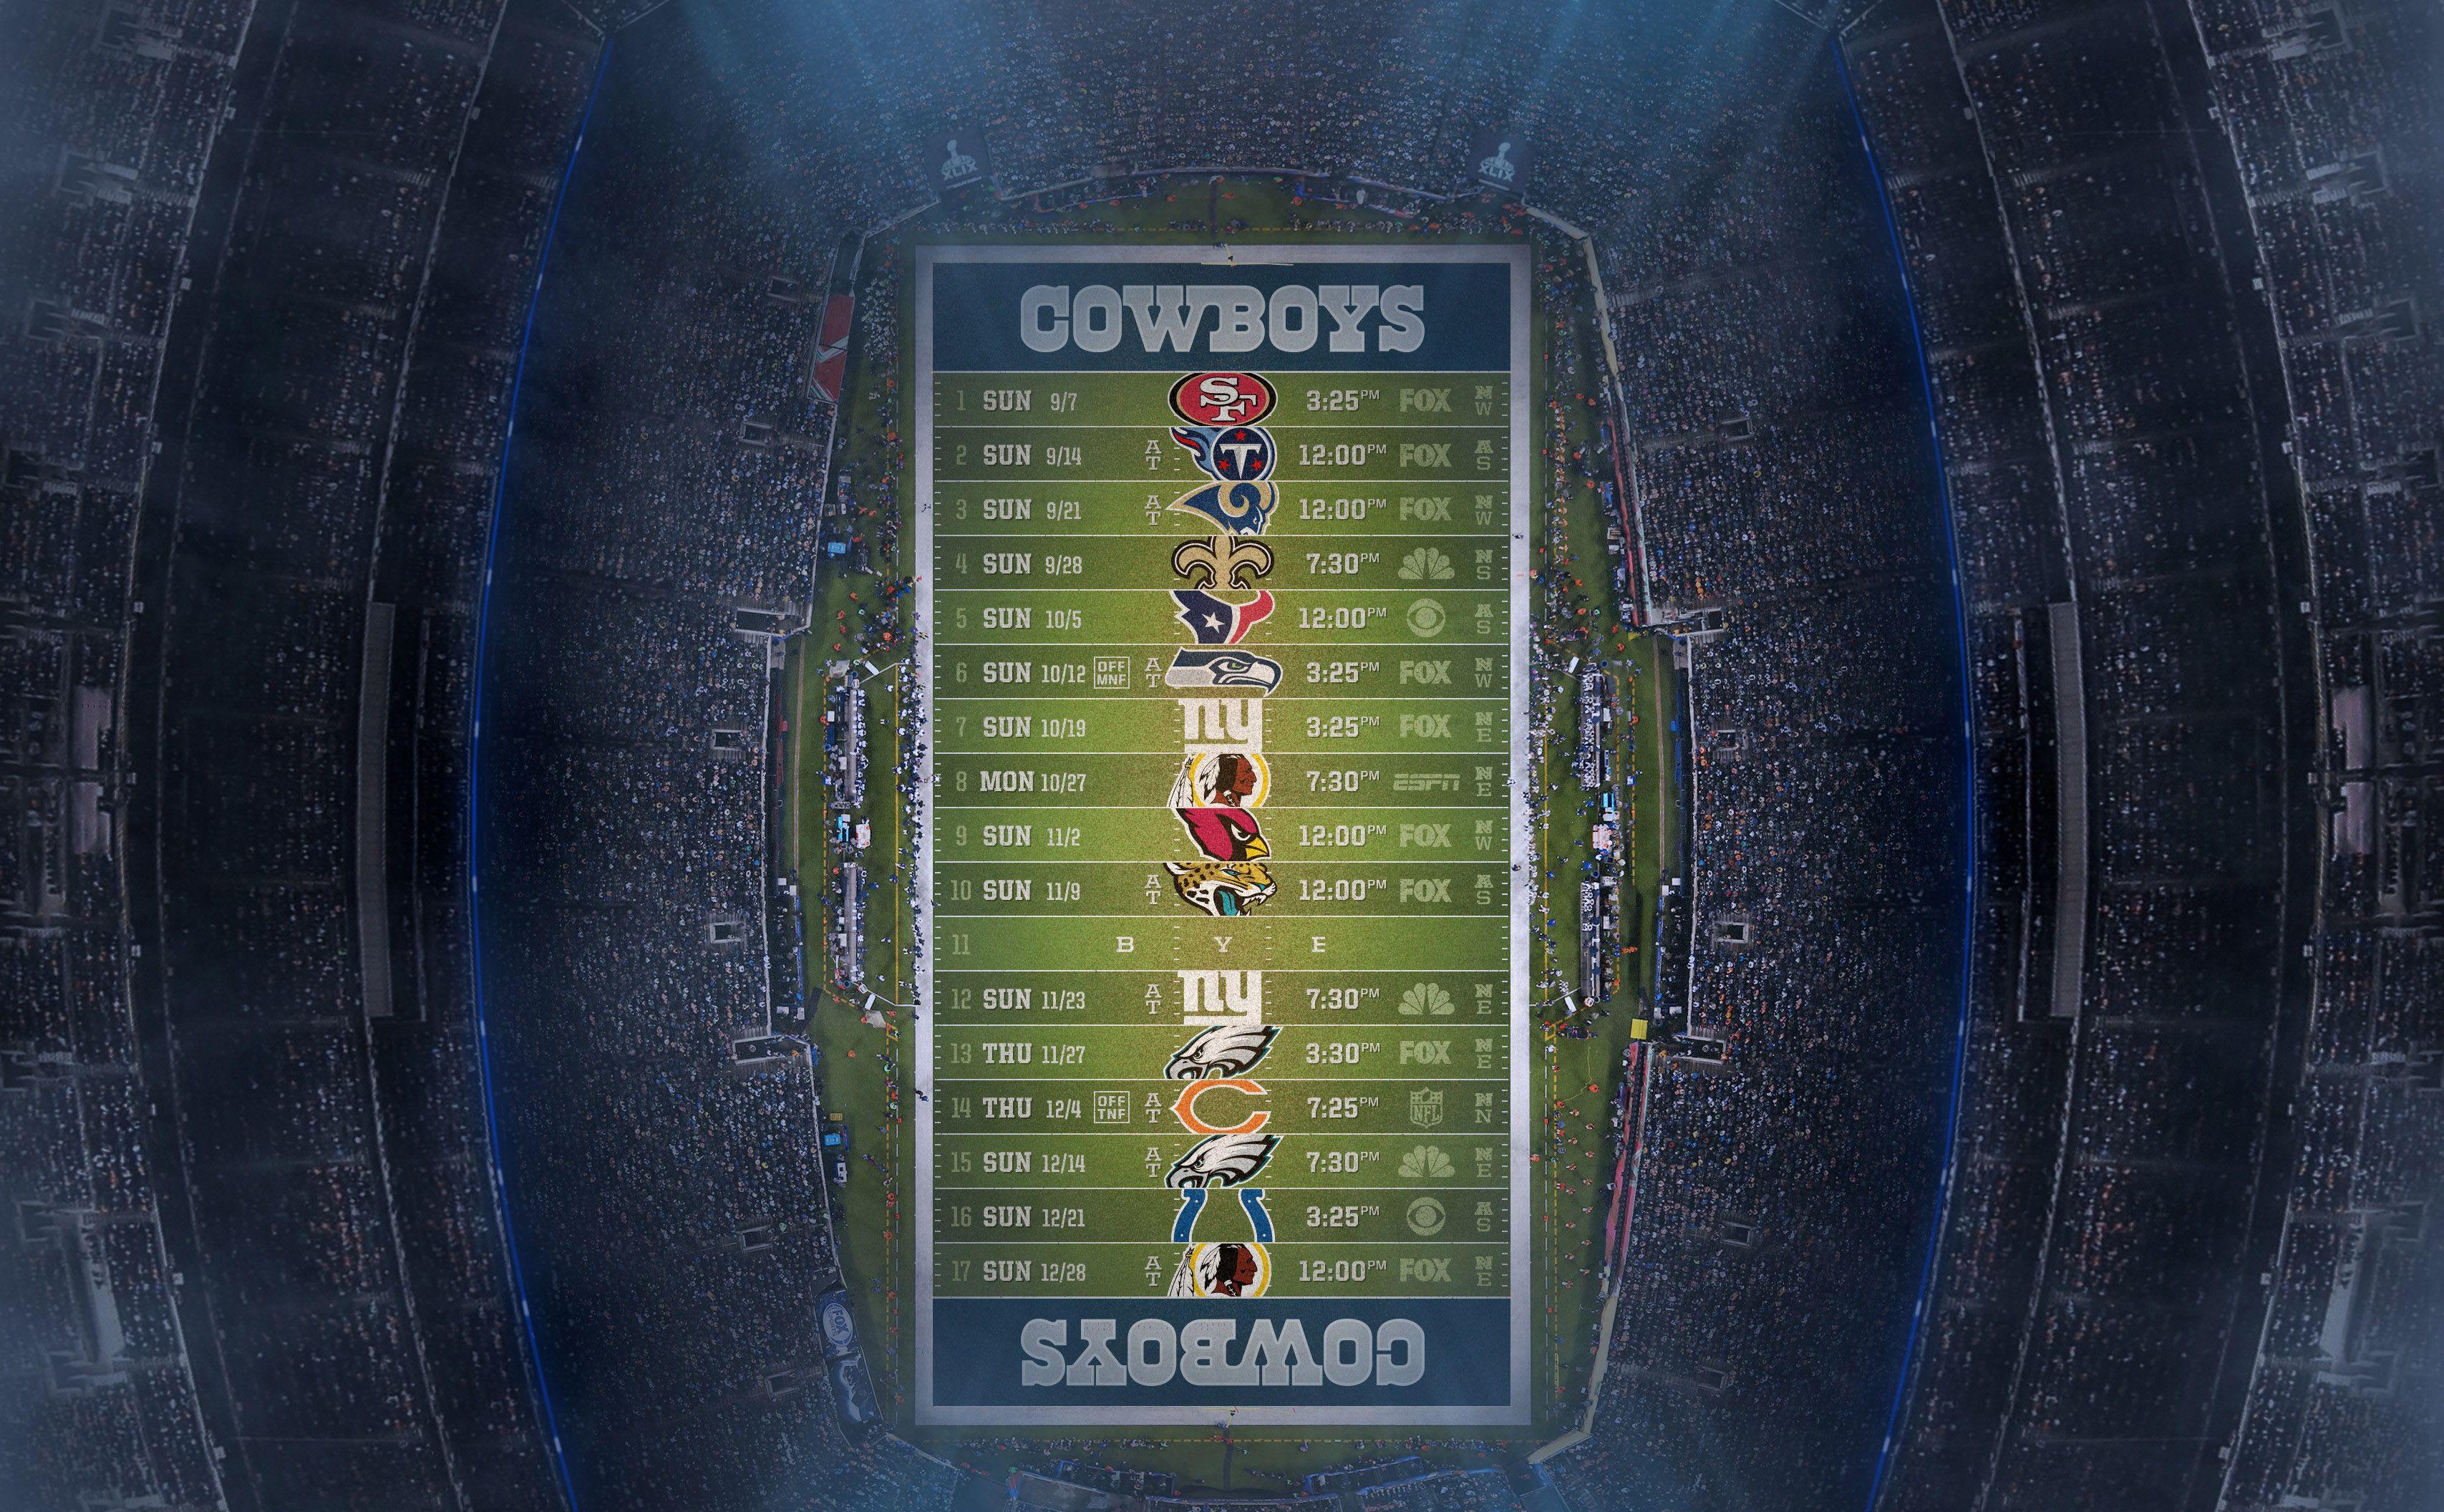 dallas cowboys schedule wallpaper